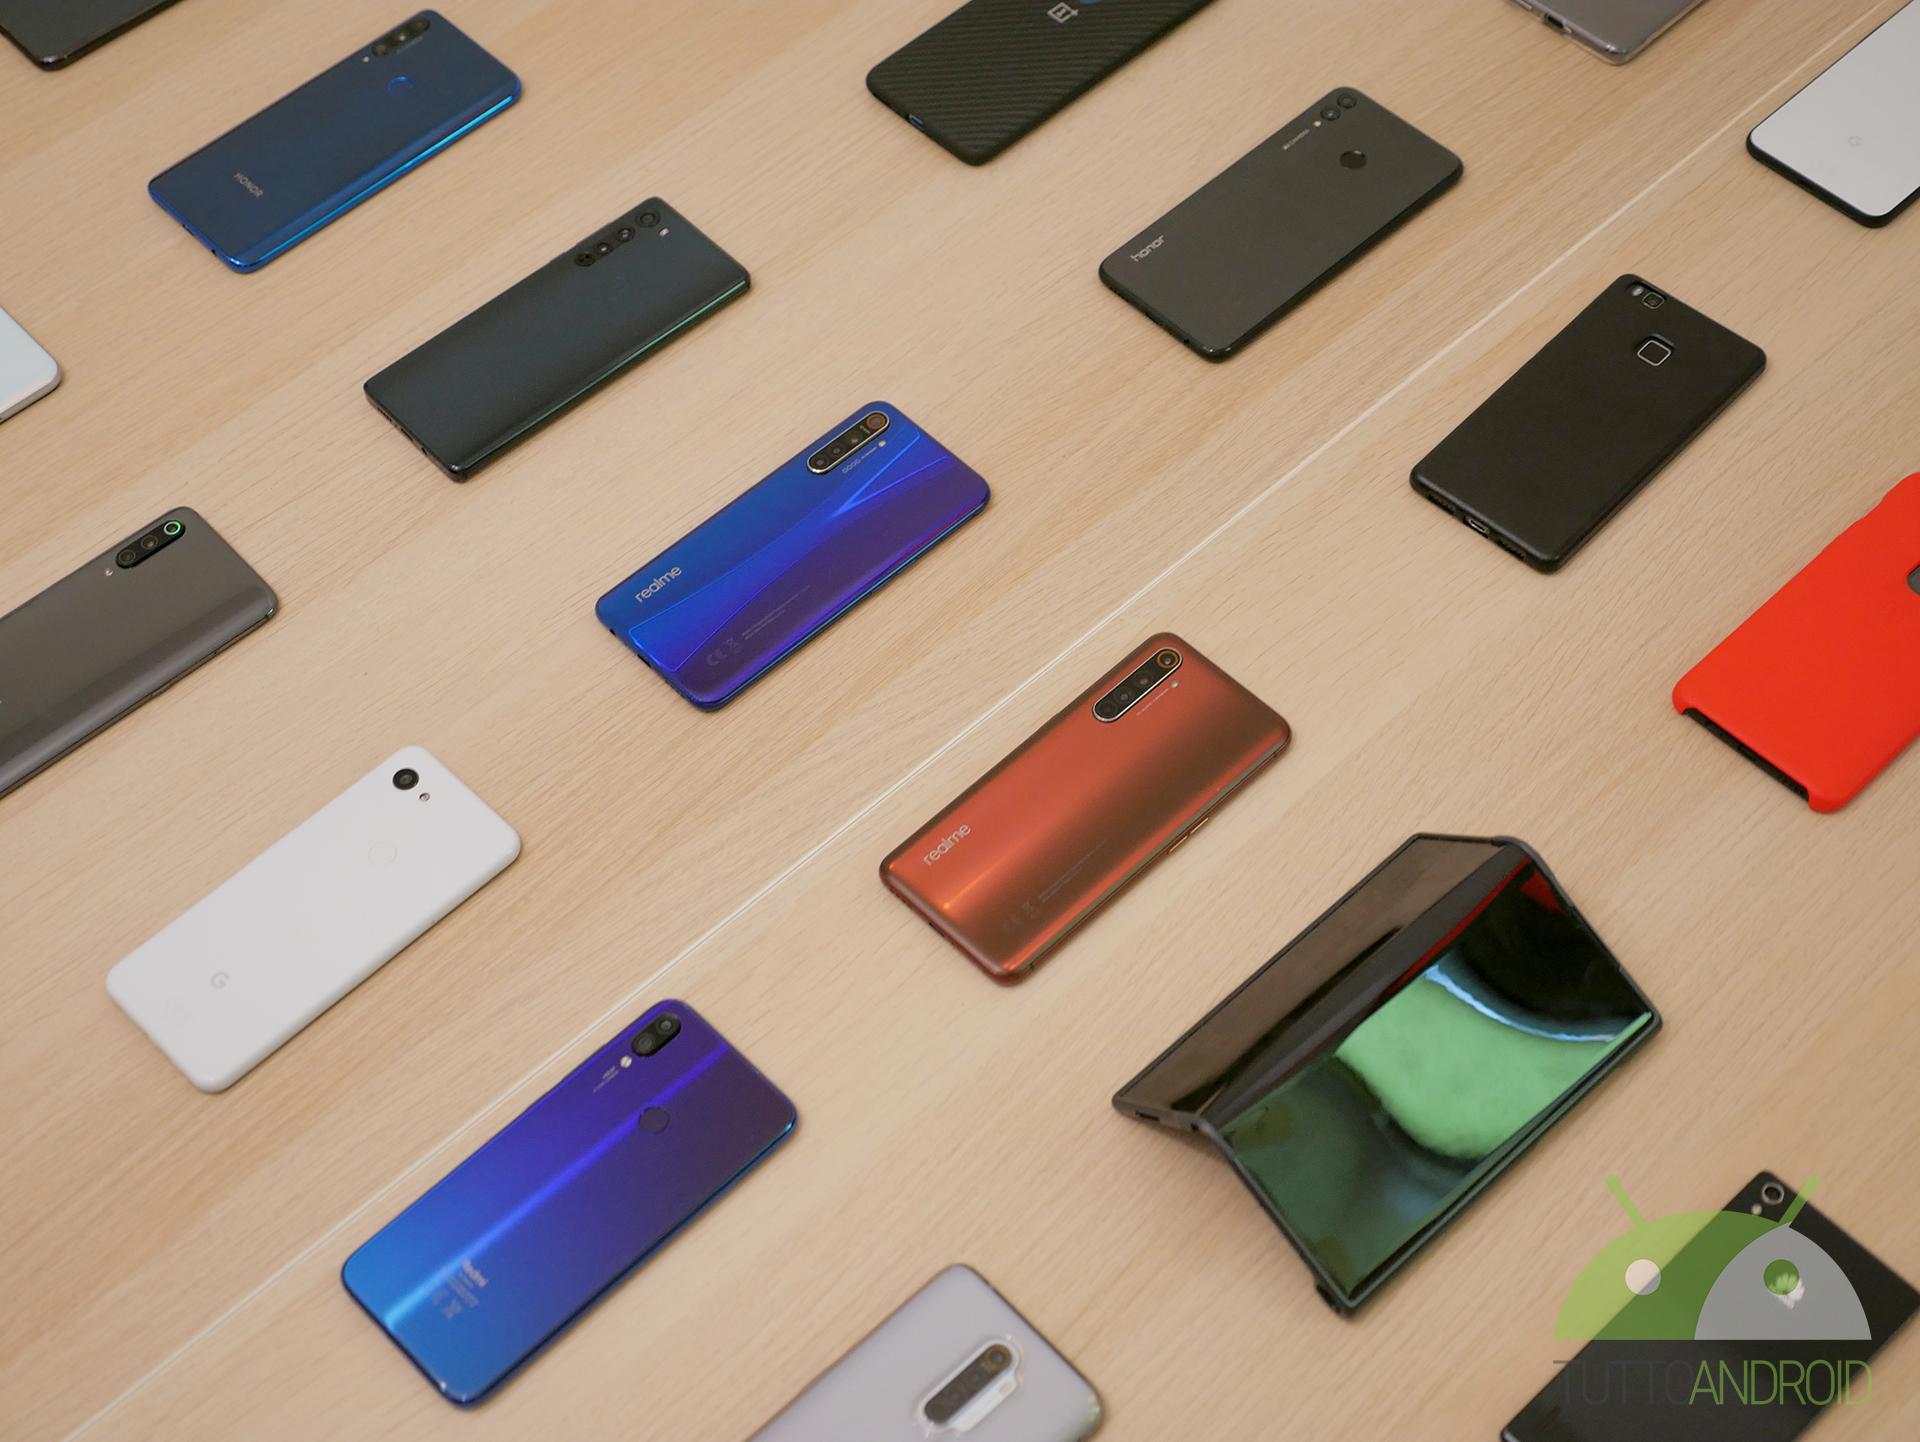 MIUI 12 per Redmi Note 8 Pro, aggiornamenti per vari Samsung